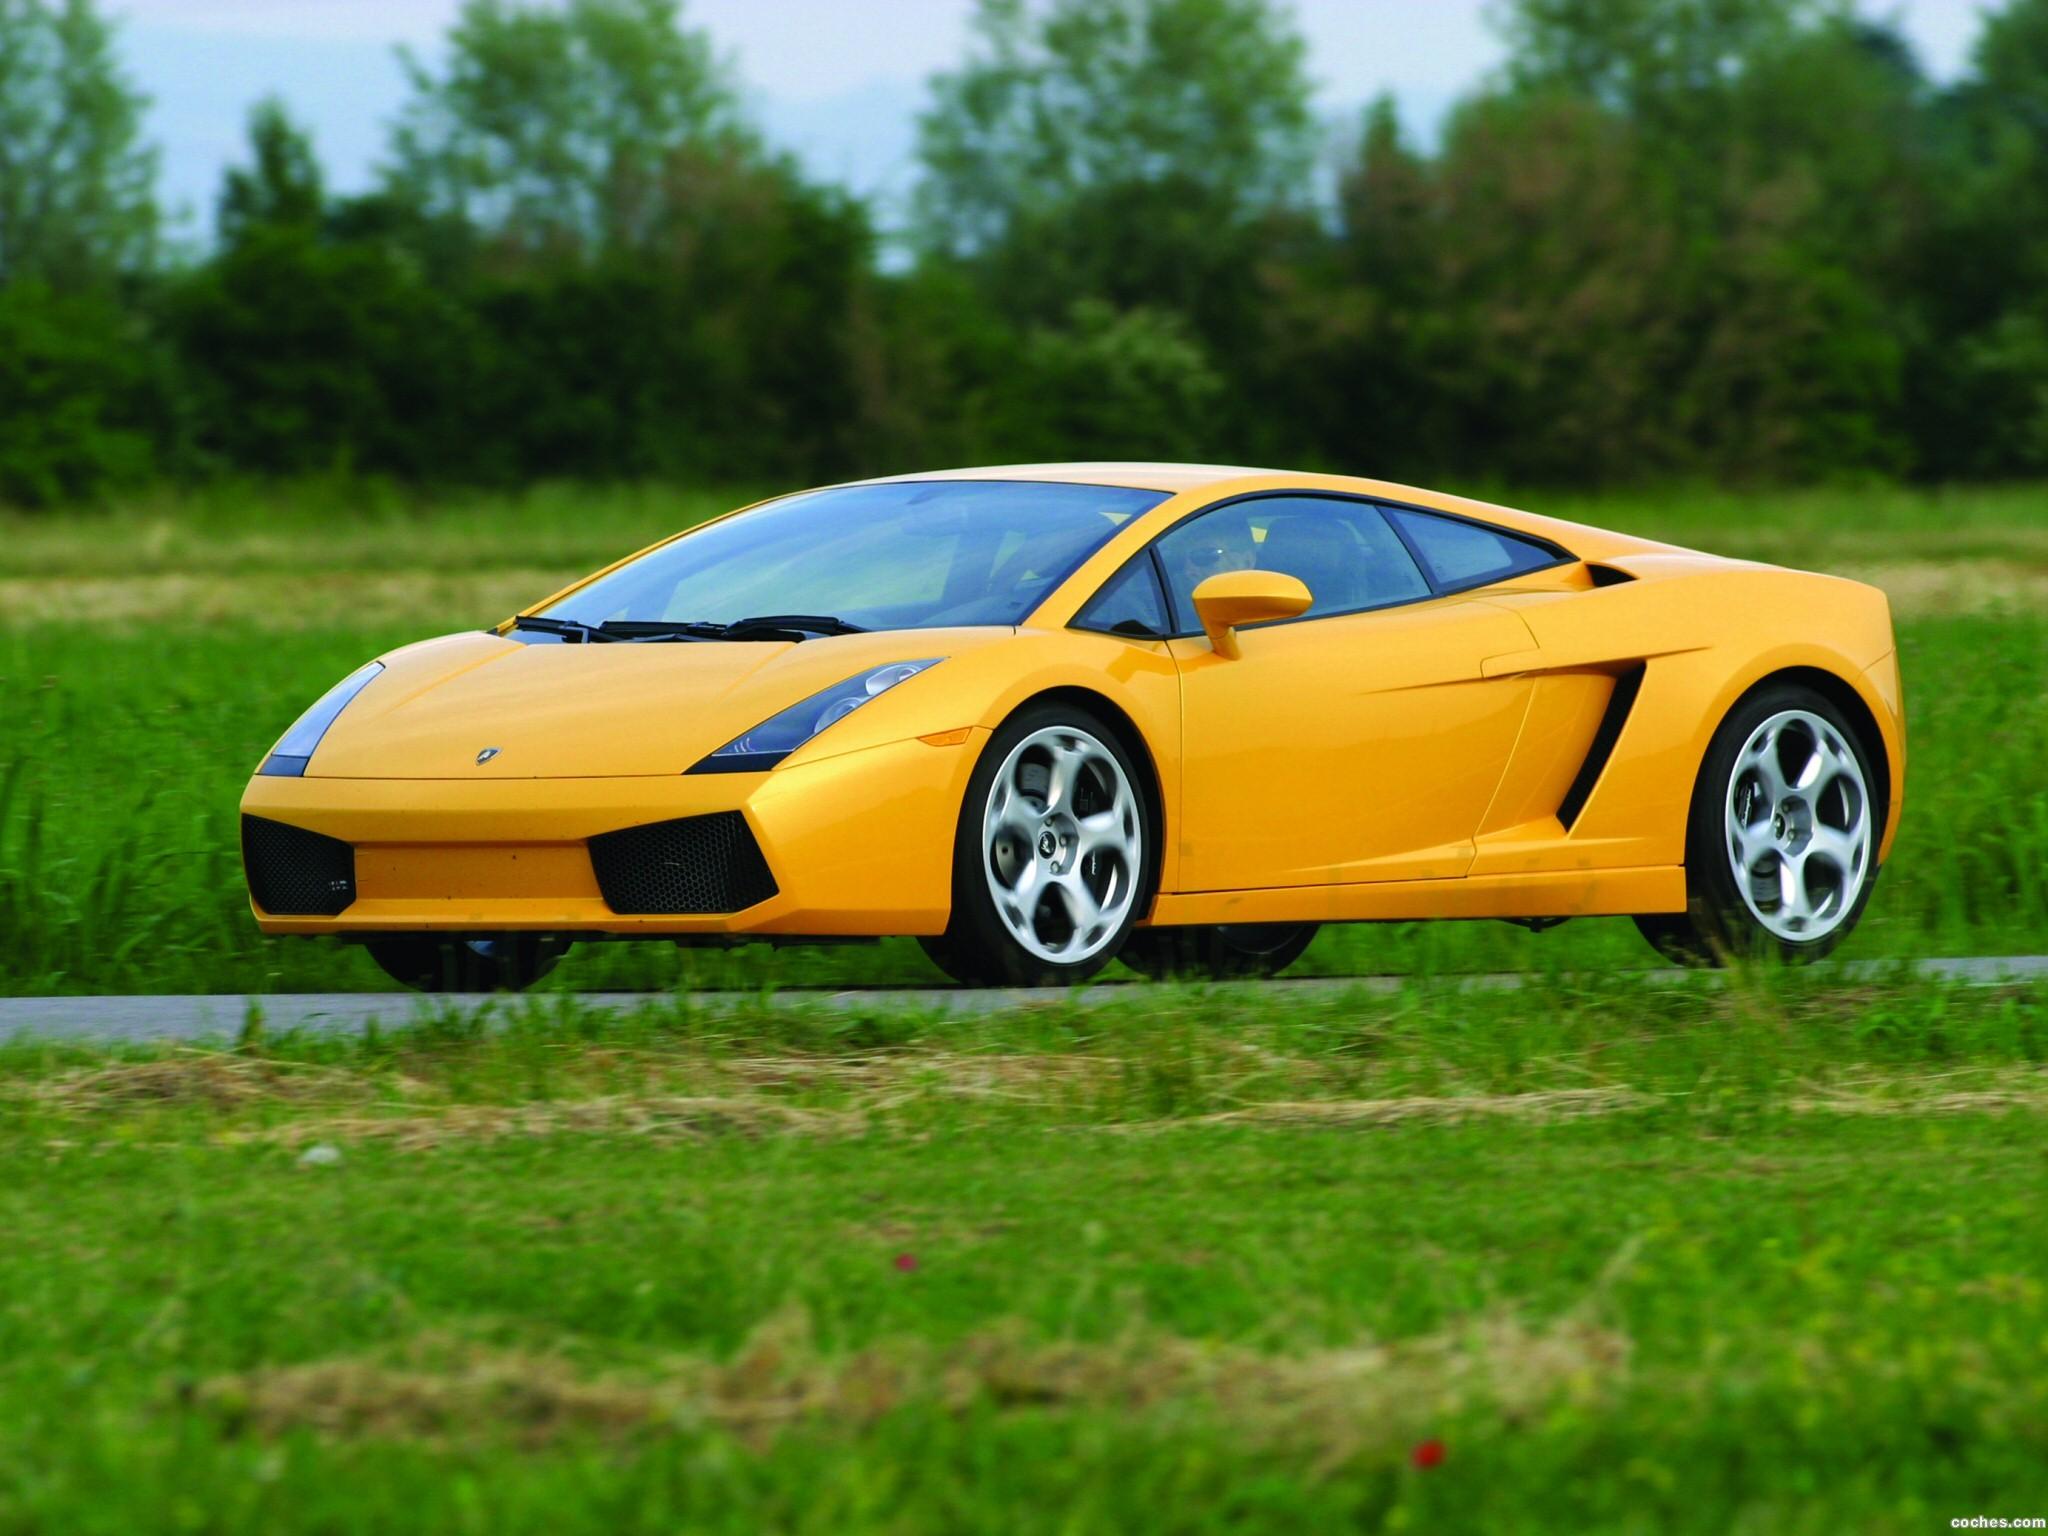 Foto 2 de Lamborghini Gallardo 2003